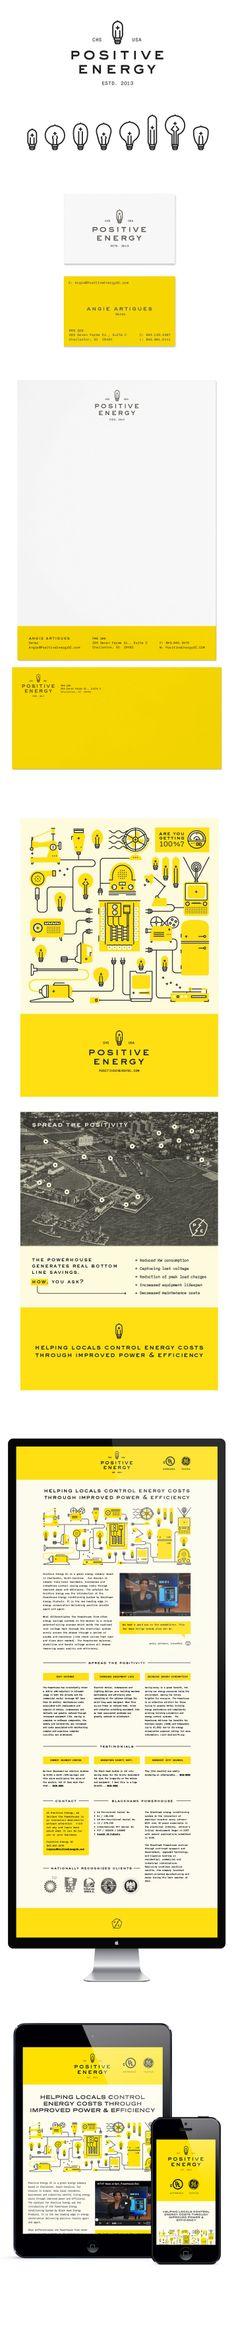 Fuzzco - Positive Energy